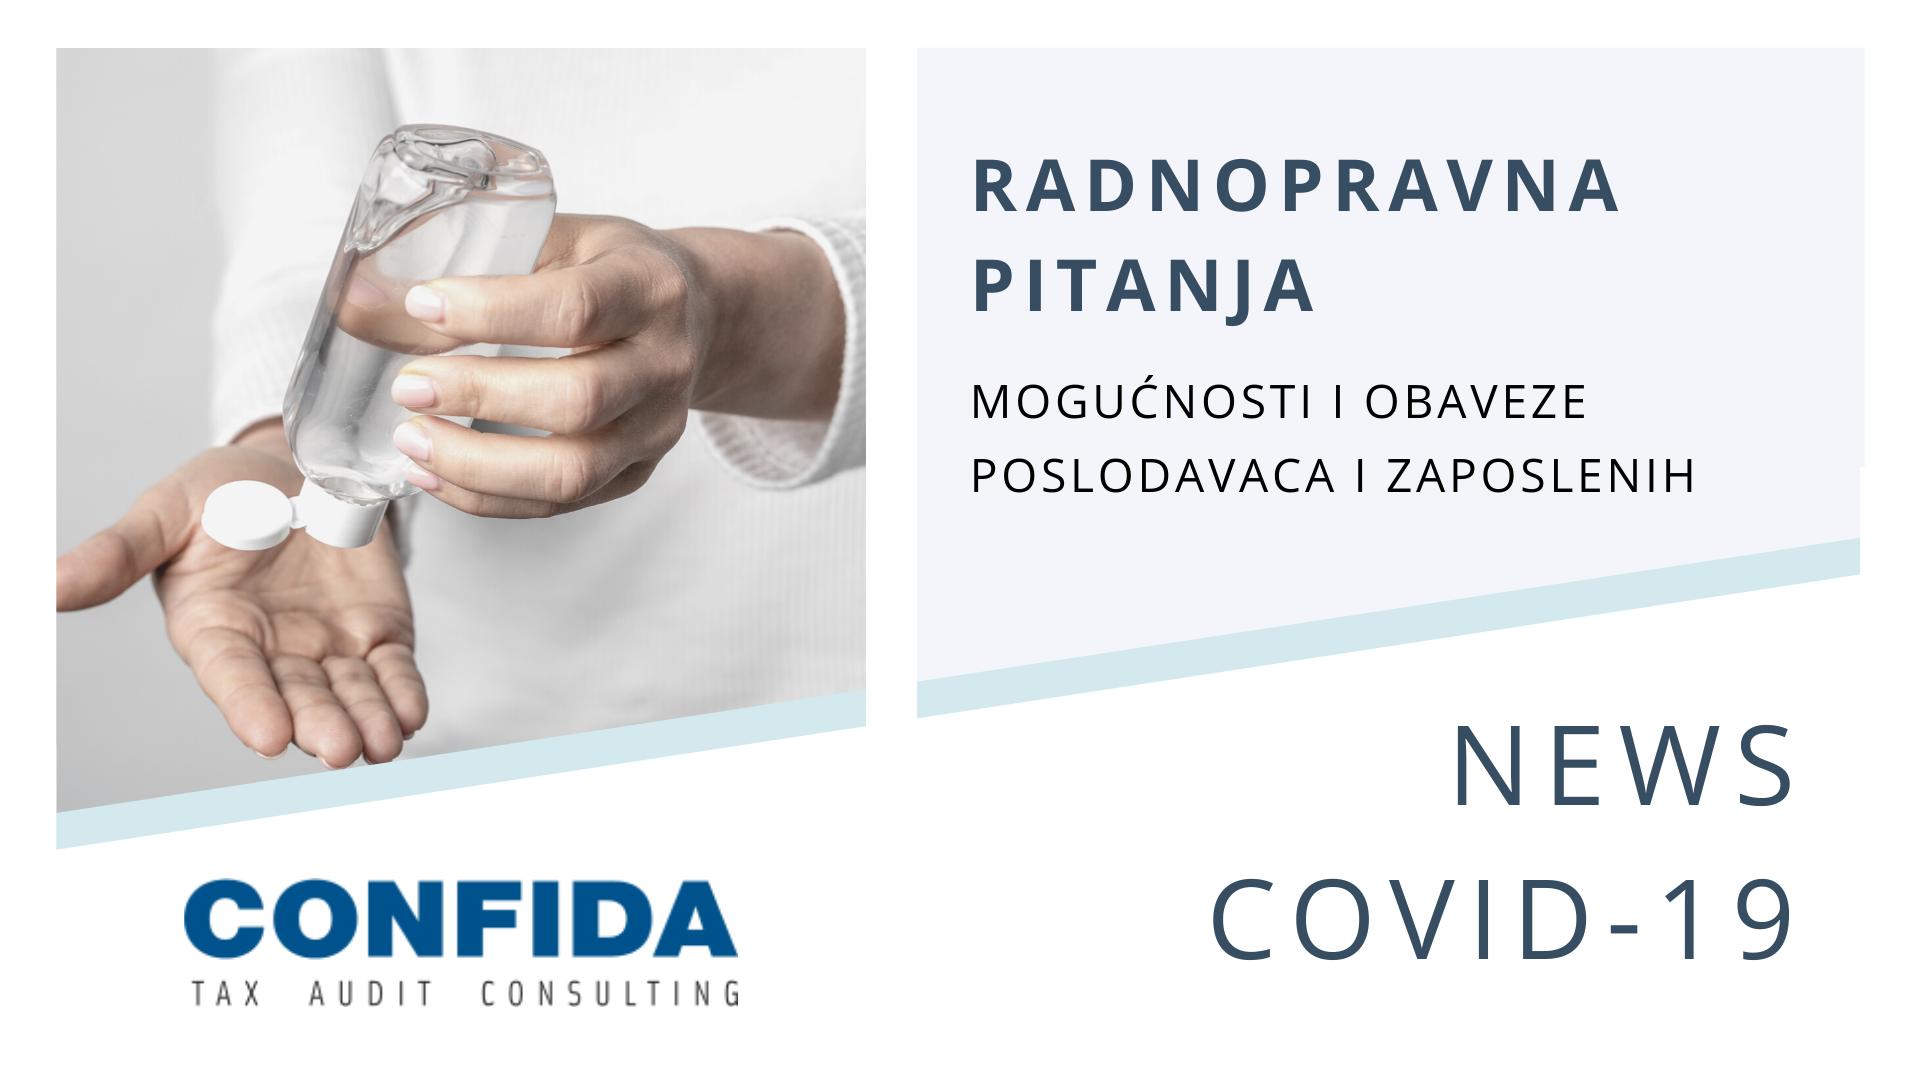 COVID-19: Radnopravna pitanja i obaveze poslodavaca